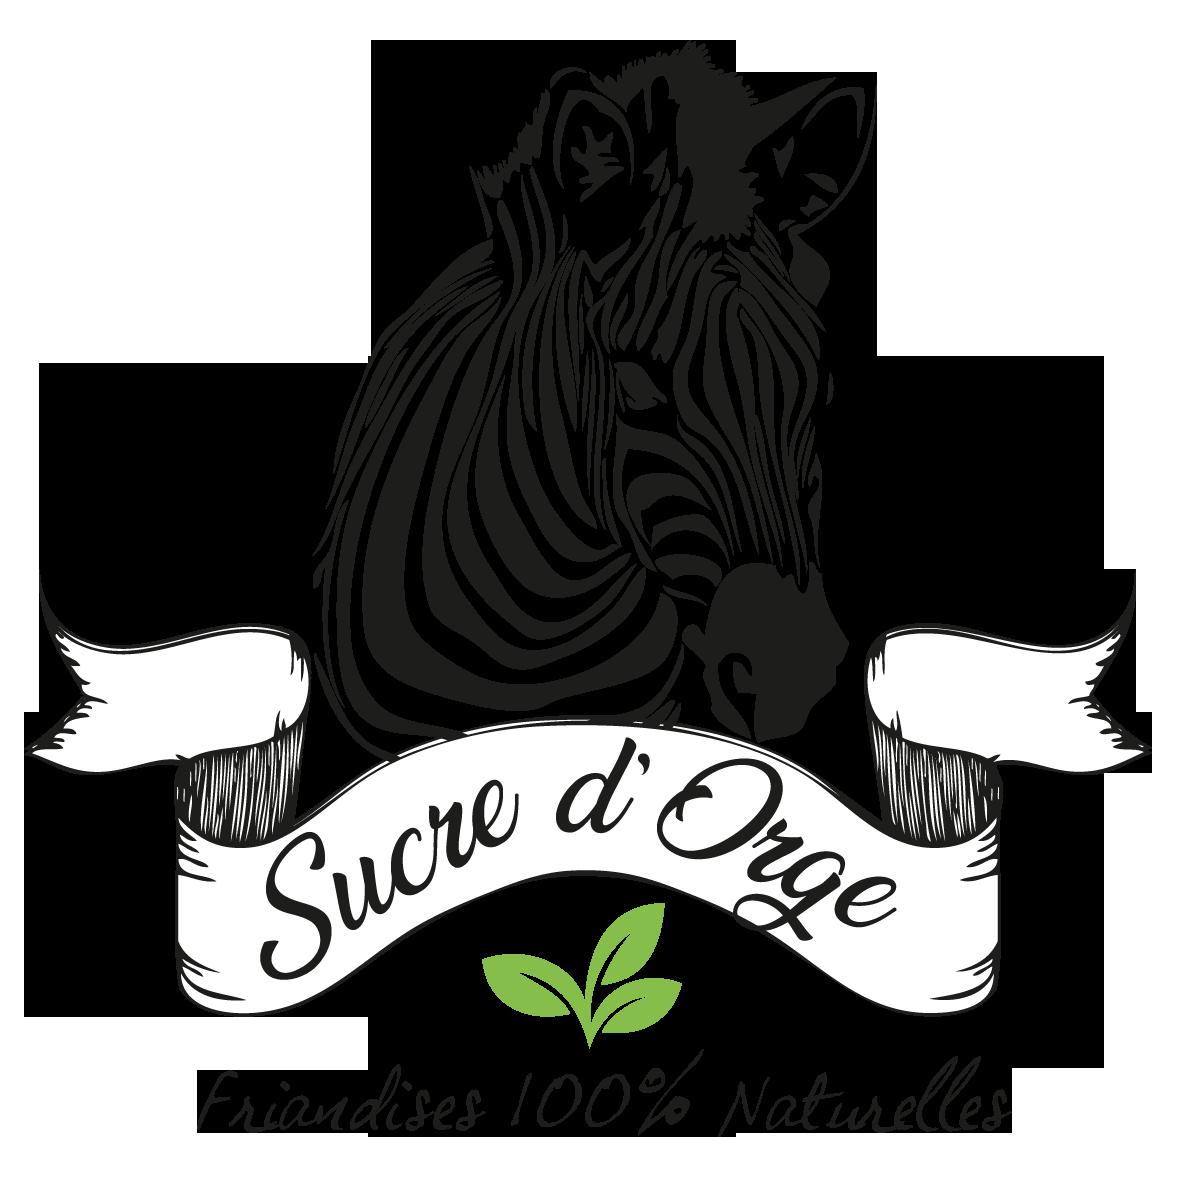 Sucre d'orge friandises 100% naturelles pour chevaux, bonbons chevaux, récompense chevaux